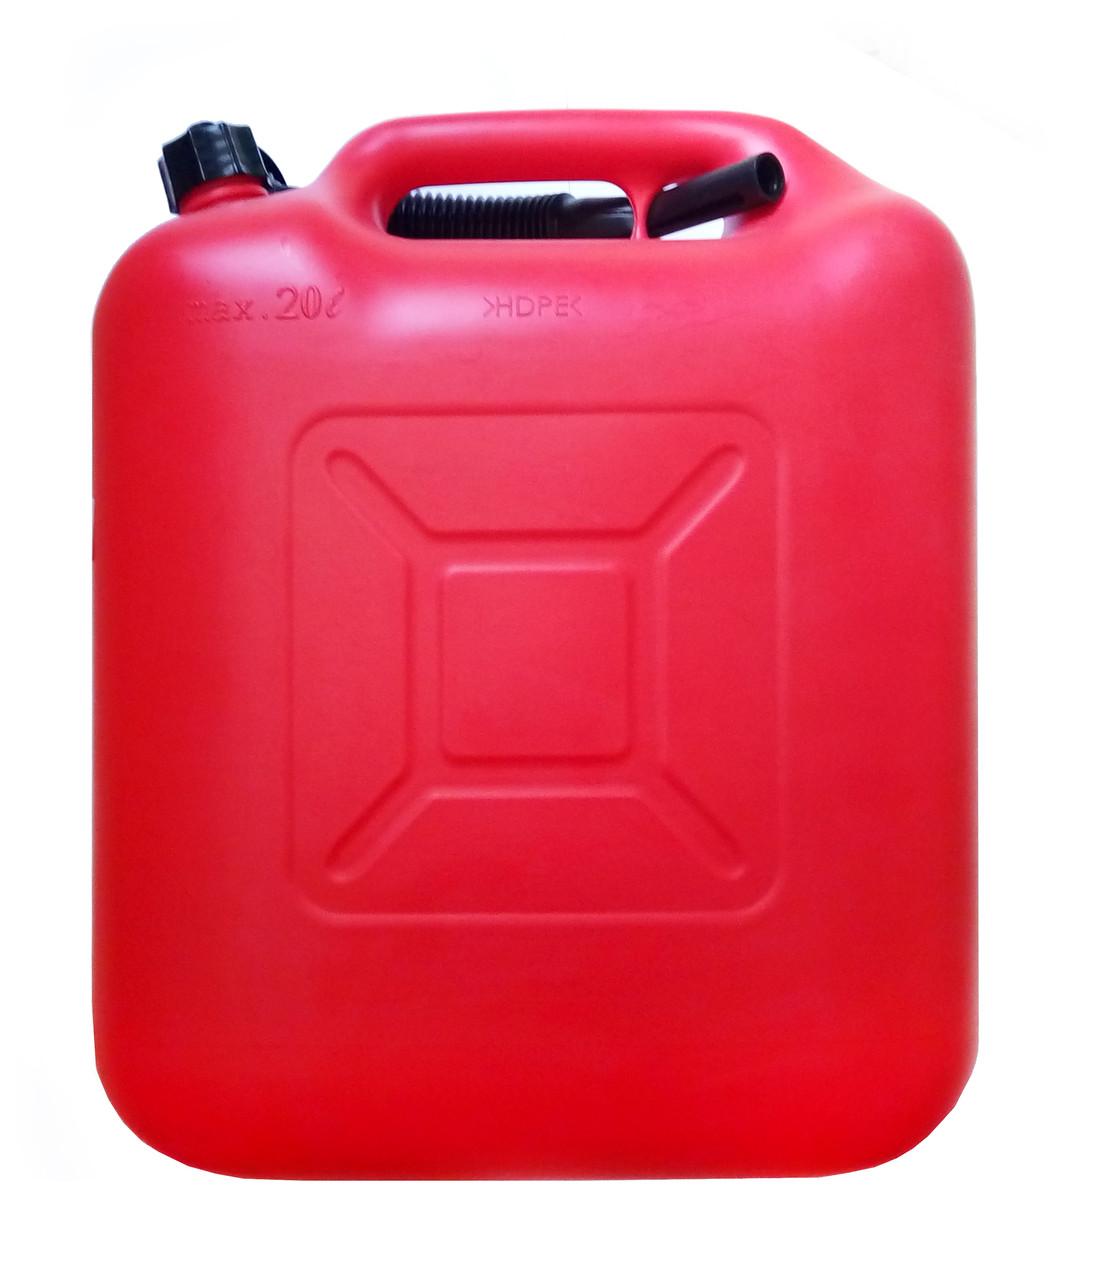 купить пластиковую канистру 20 литров для бензинаКанистра пластиковая Rexxon с лейкой 20л